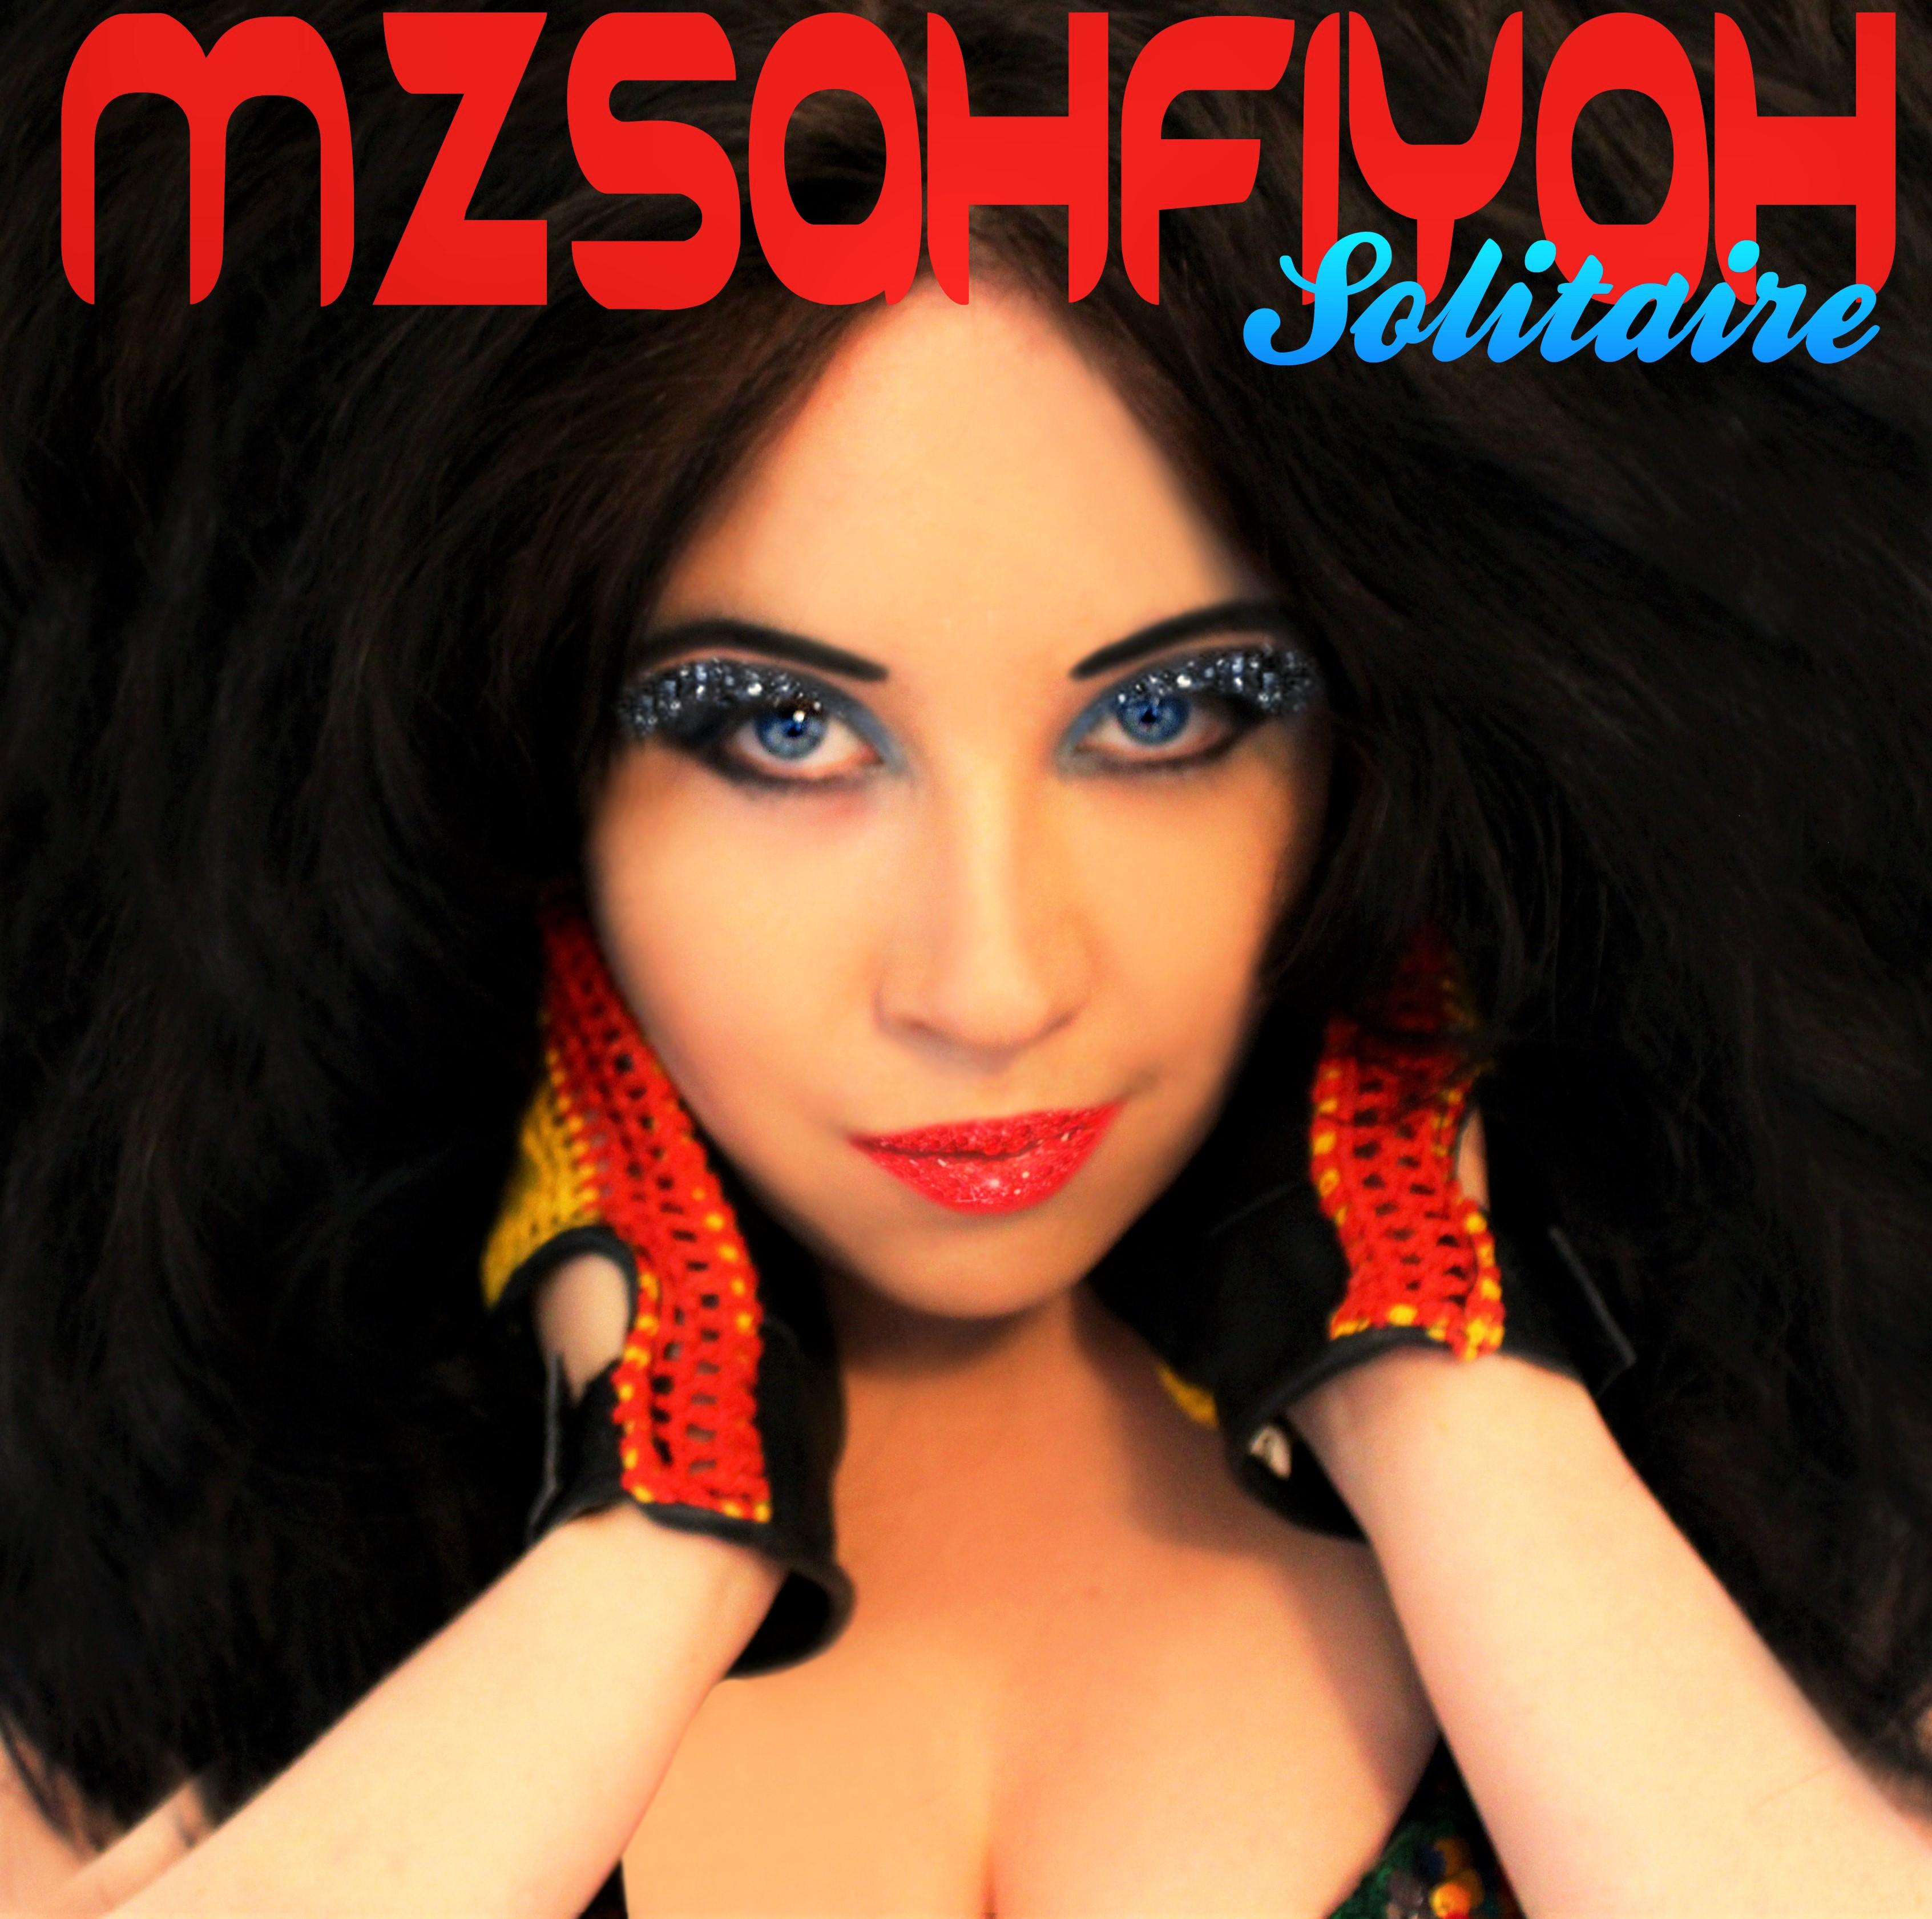 SAHFIYAH